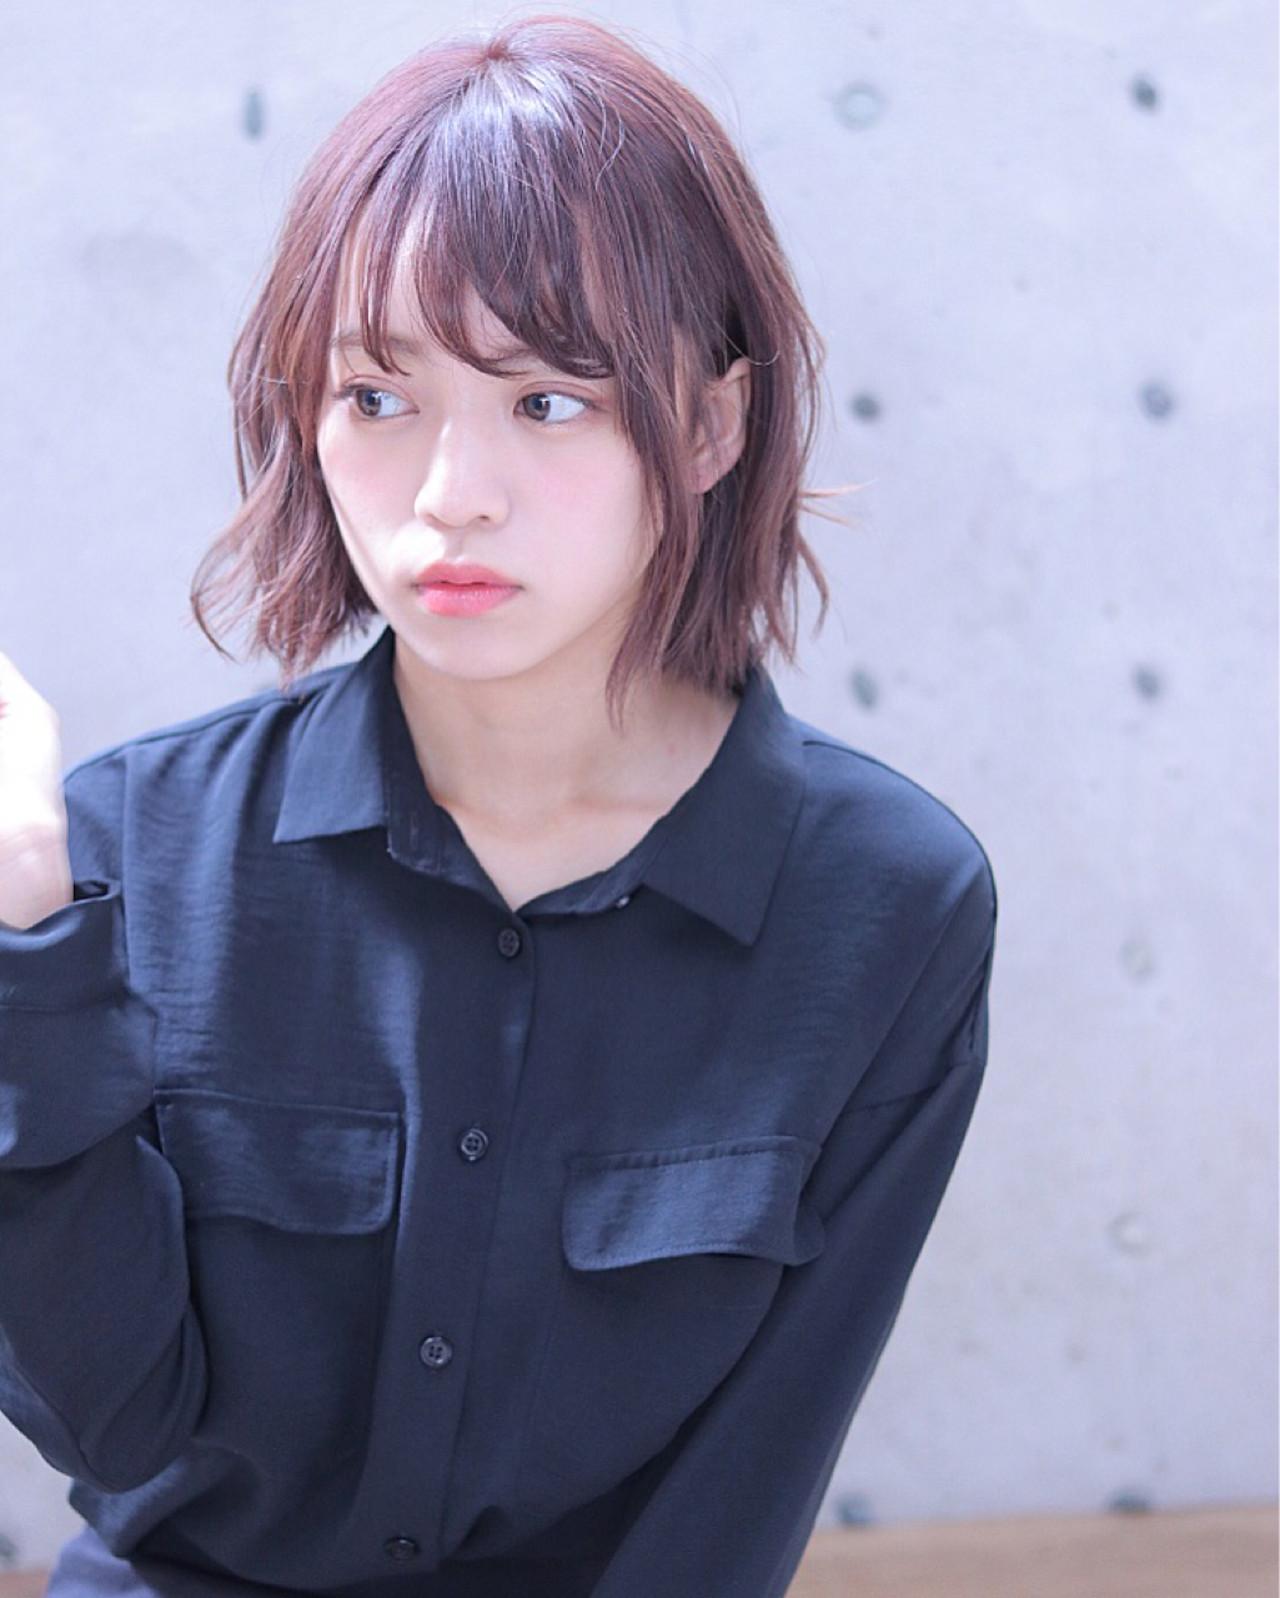 バイオレットカラーが肌をキレイ見せるスタイル Wataru Maeda